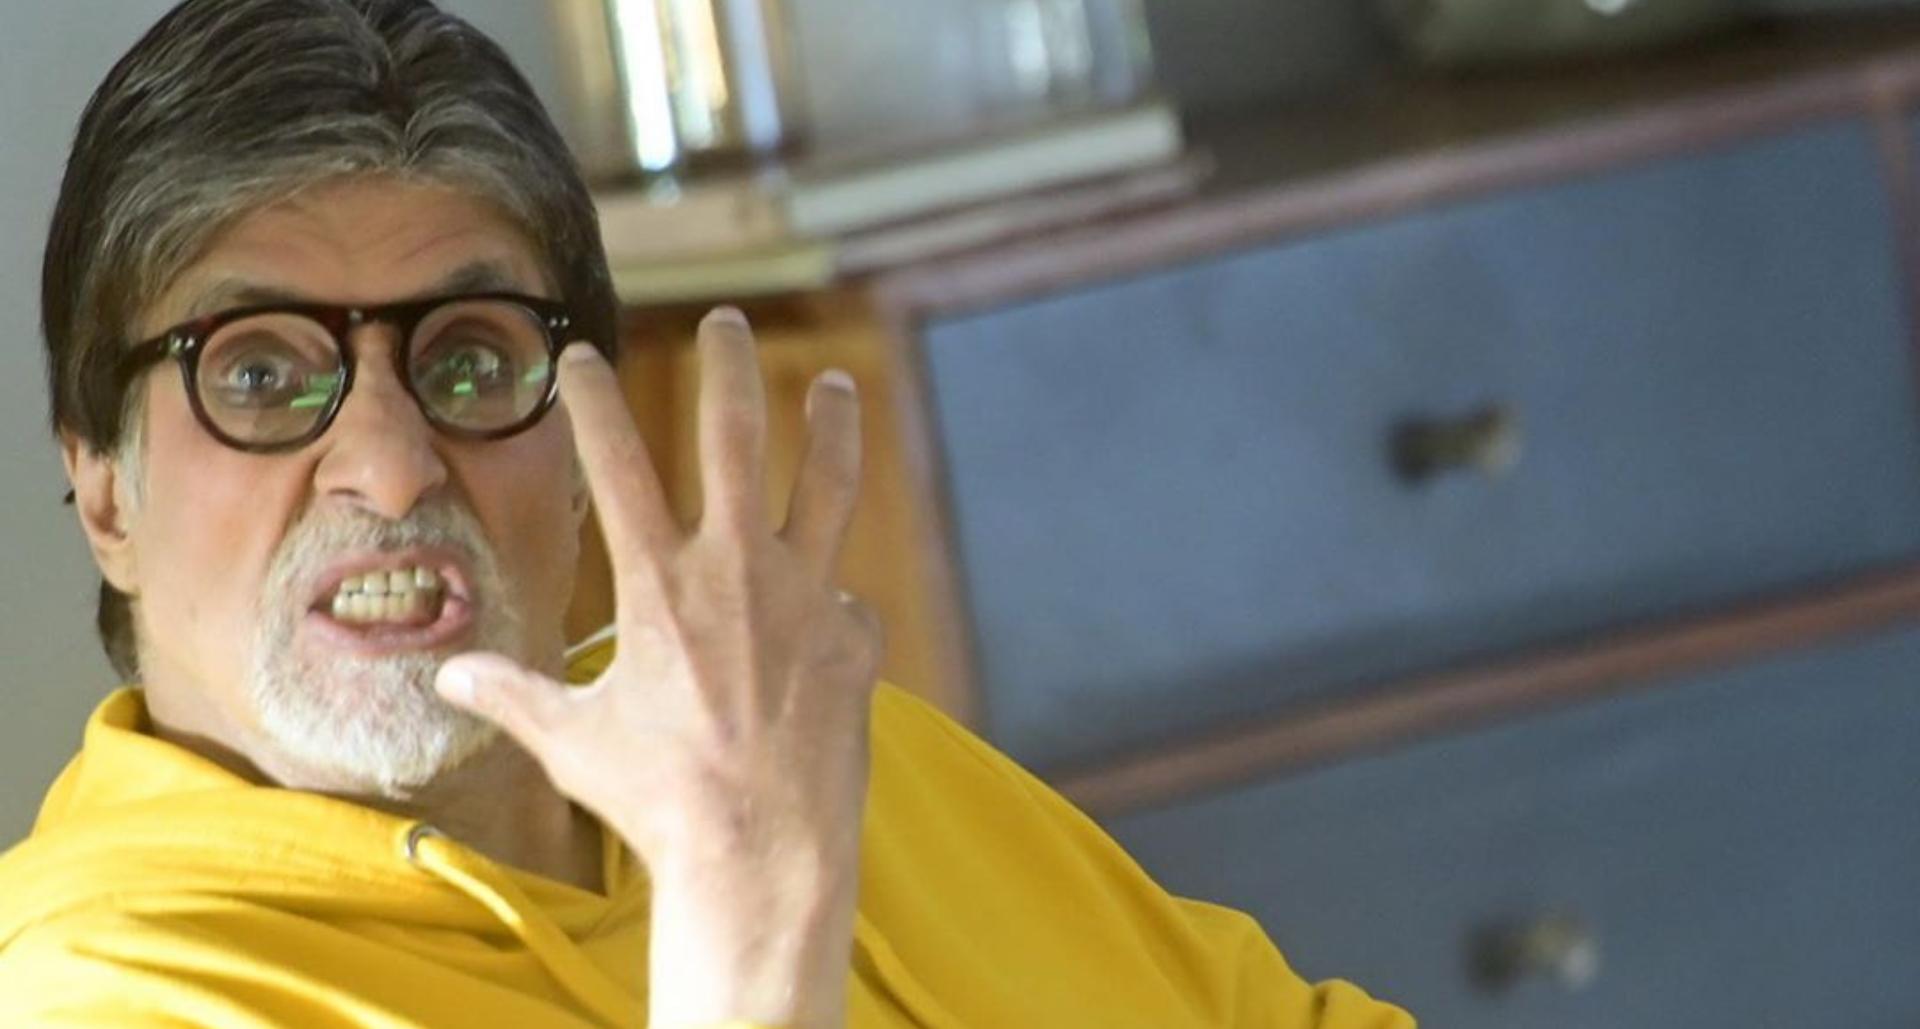 जानिए कैसे 45 साल पहले अमिताभ बच्चन के एक डायलॉग ने बदल दी थी आम लोगो की जिंदगी!